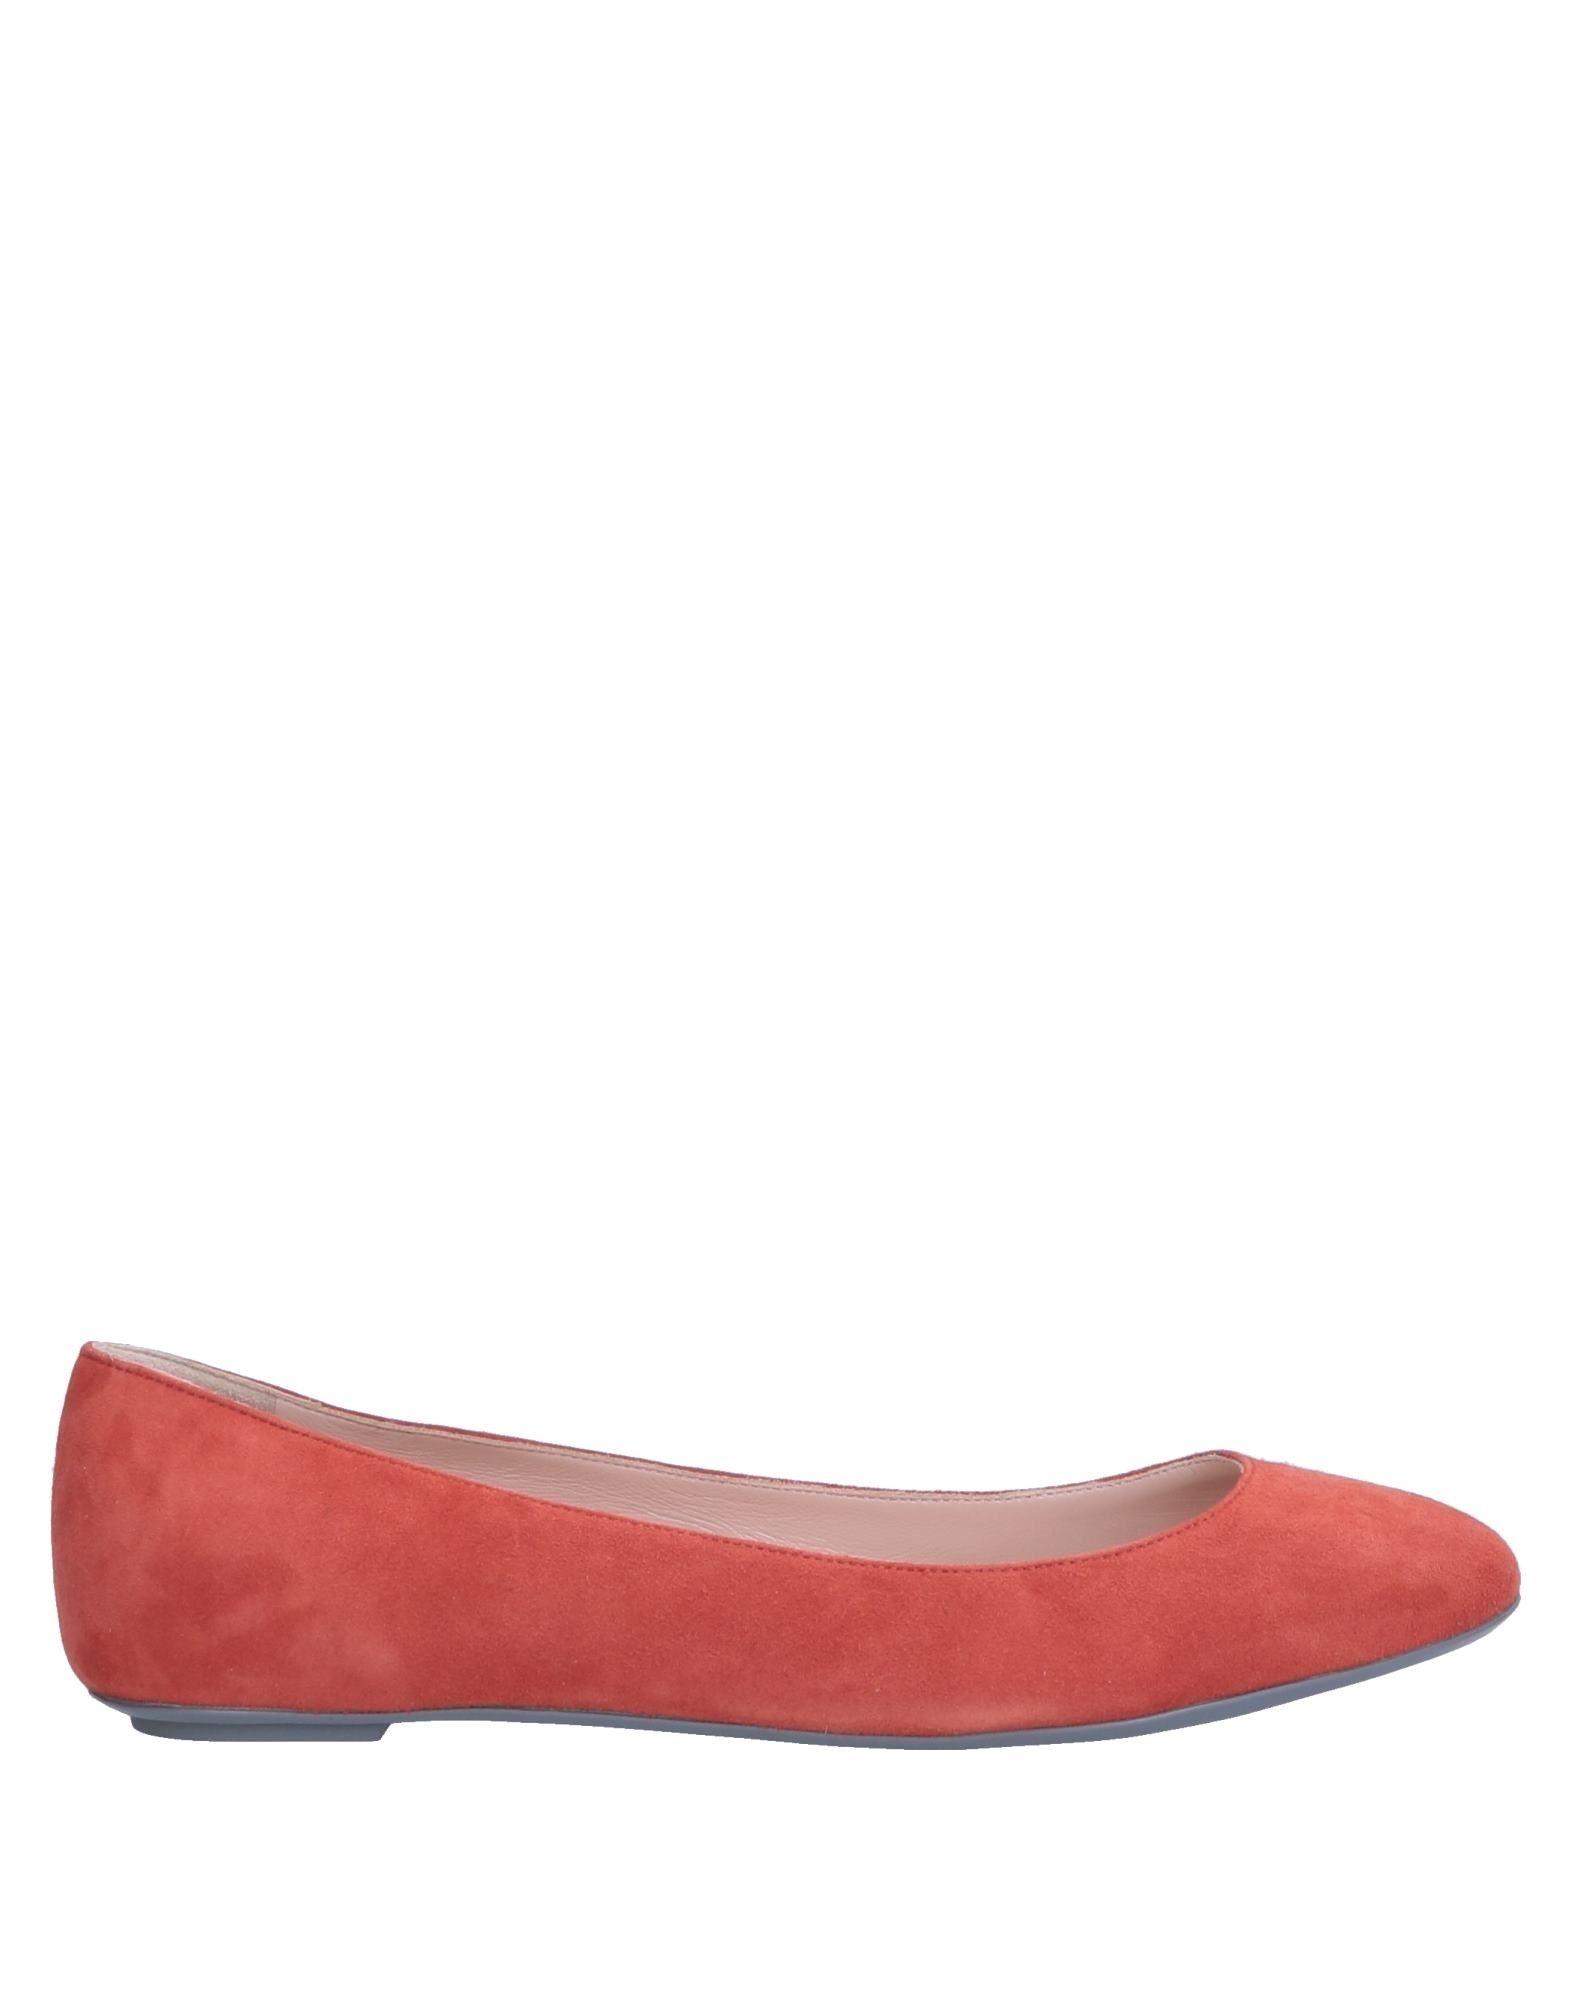 Gut um billige Schuhe zu tragenSergio Rossi Ballerinas Damen  11565645WA